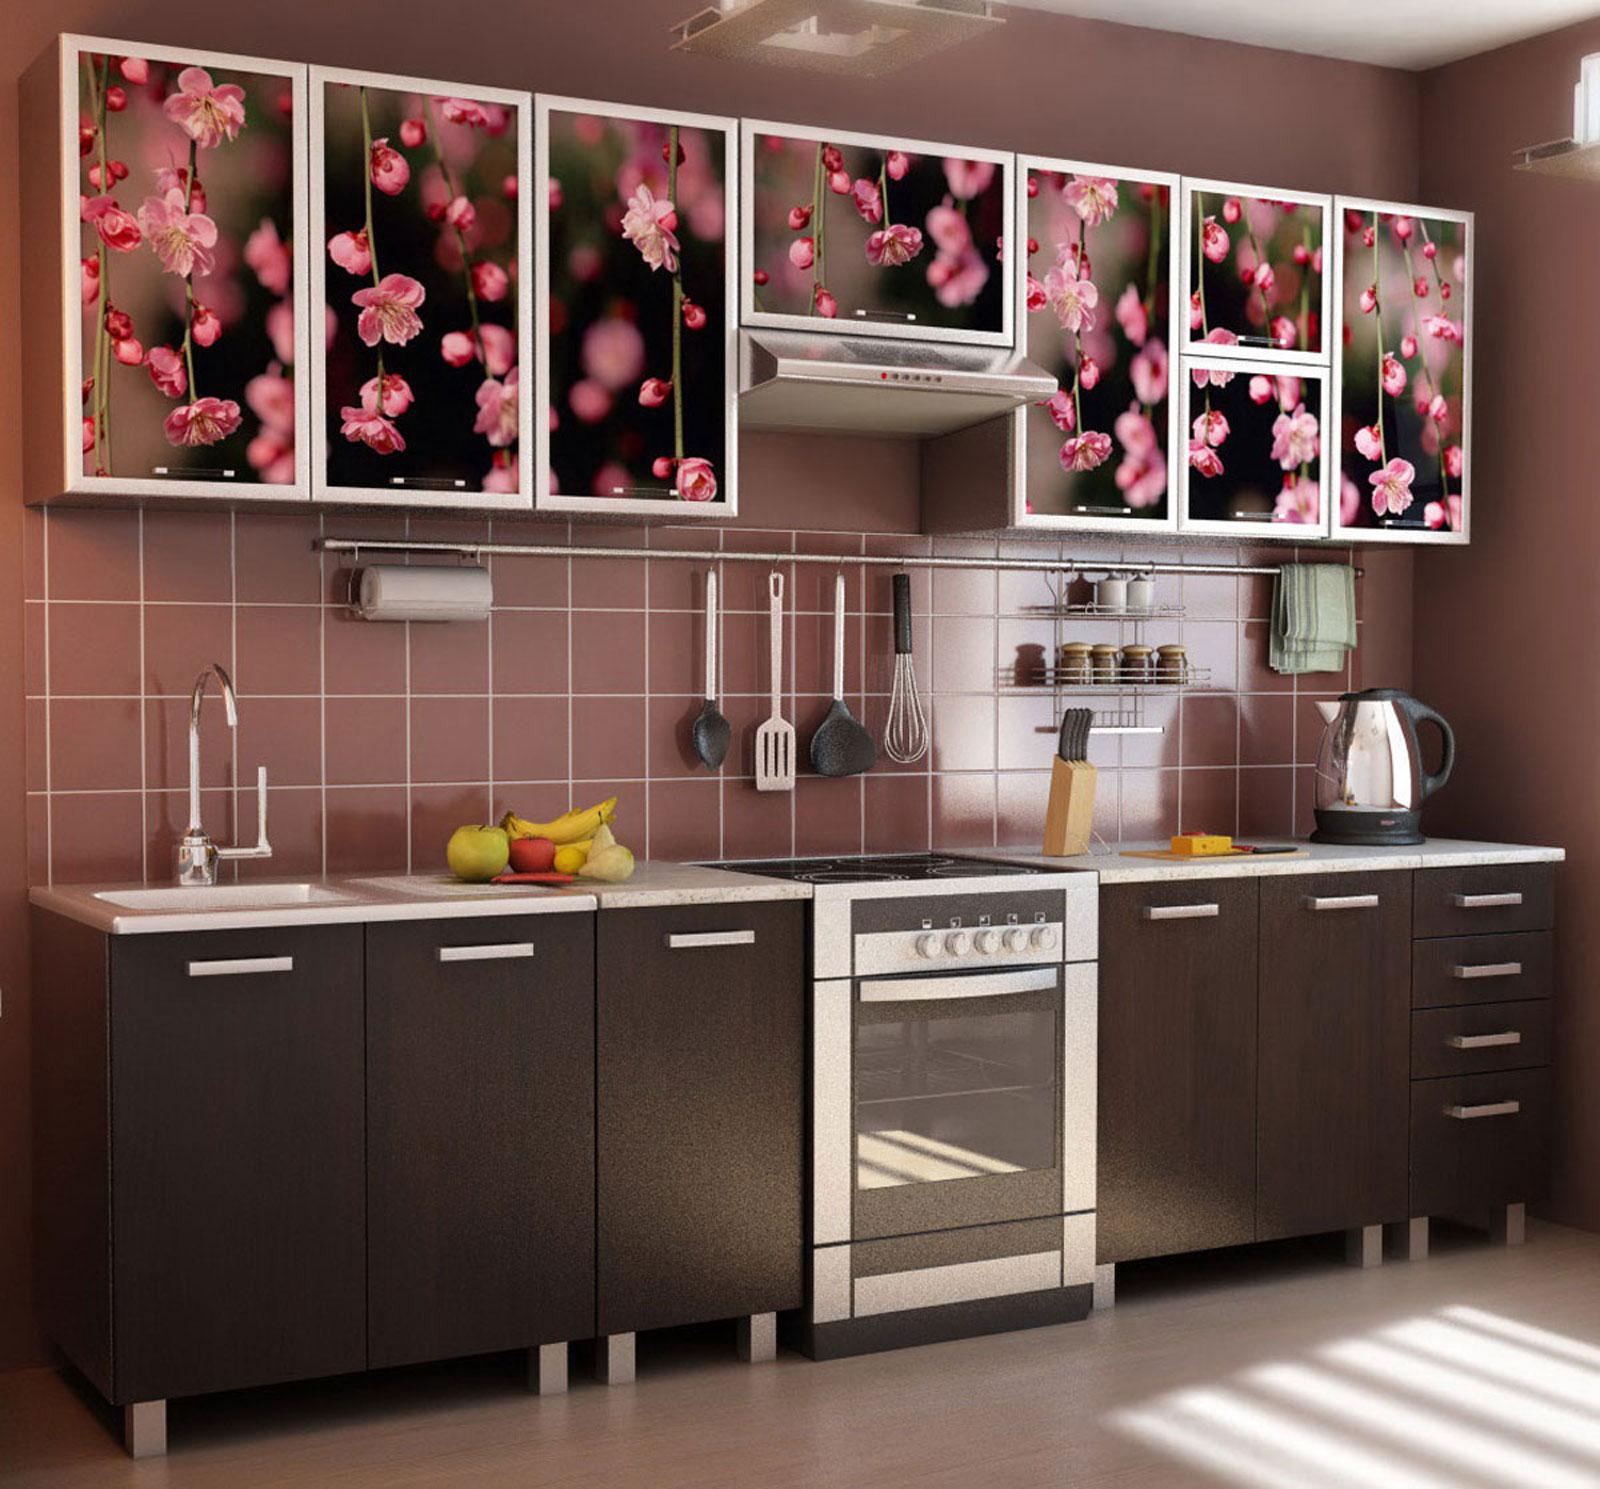 Прямой кухонный гарнитур с фотопринтом